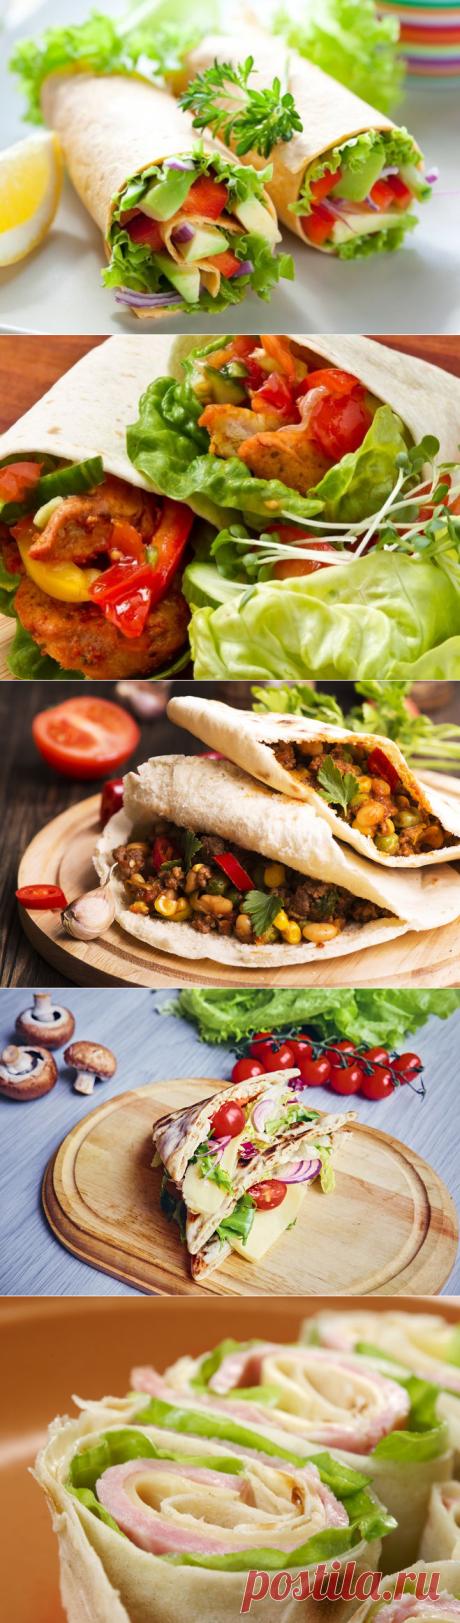 5 блюд из лаваша для быстрого ужина